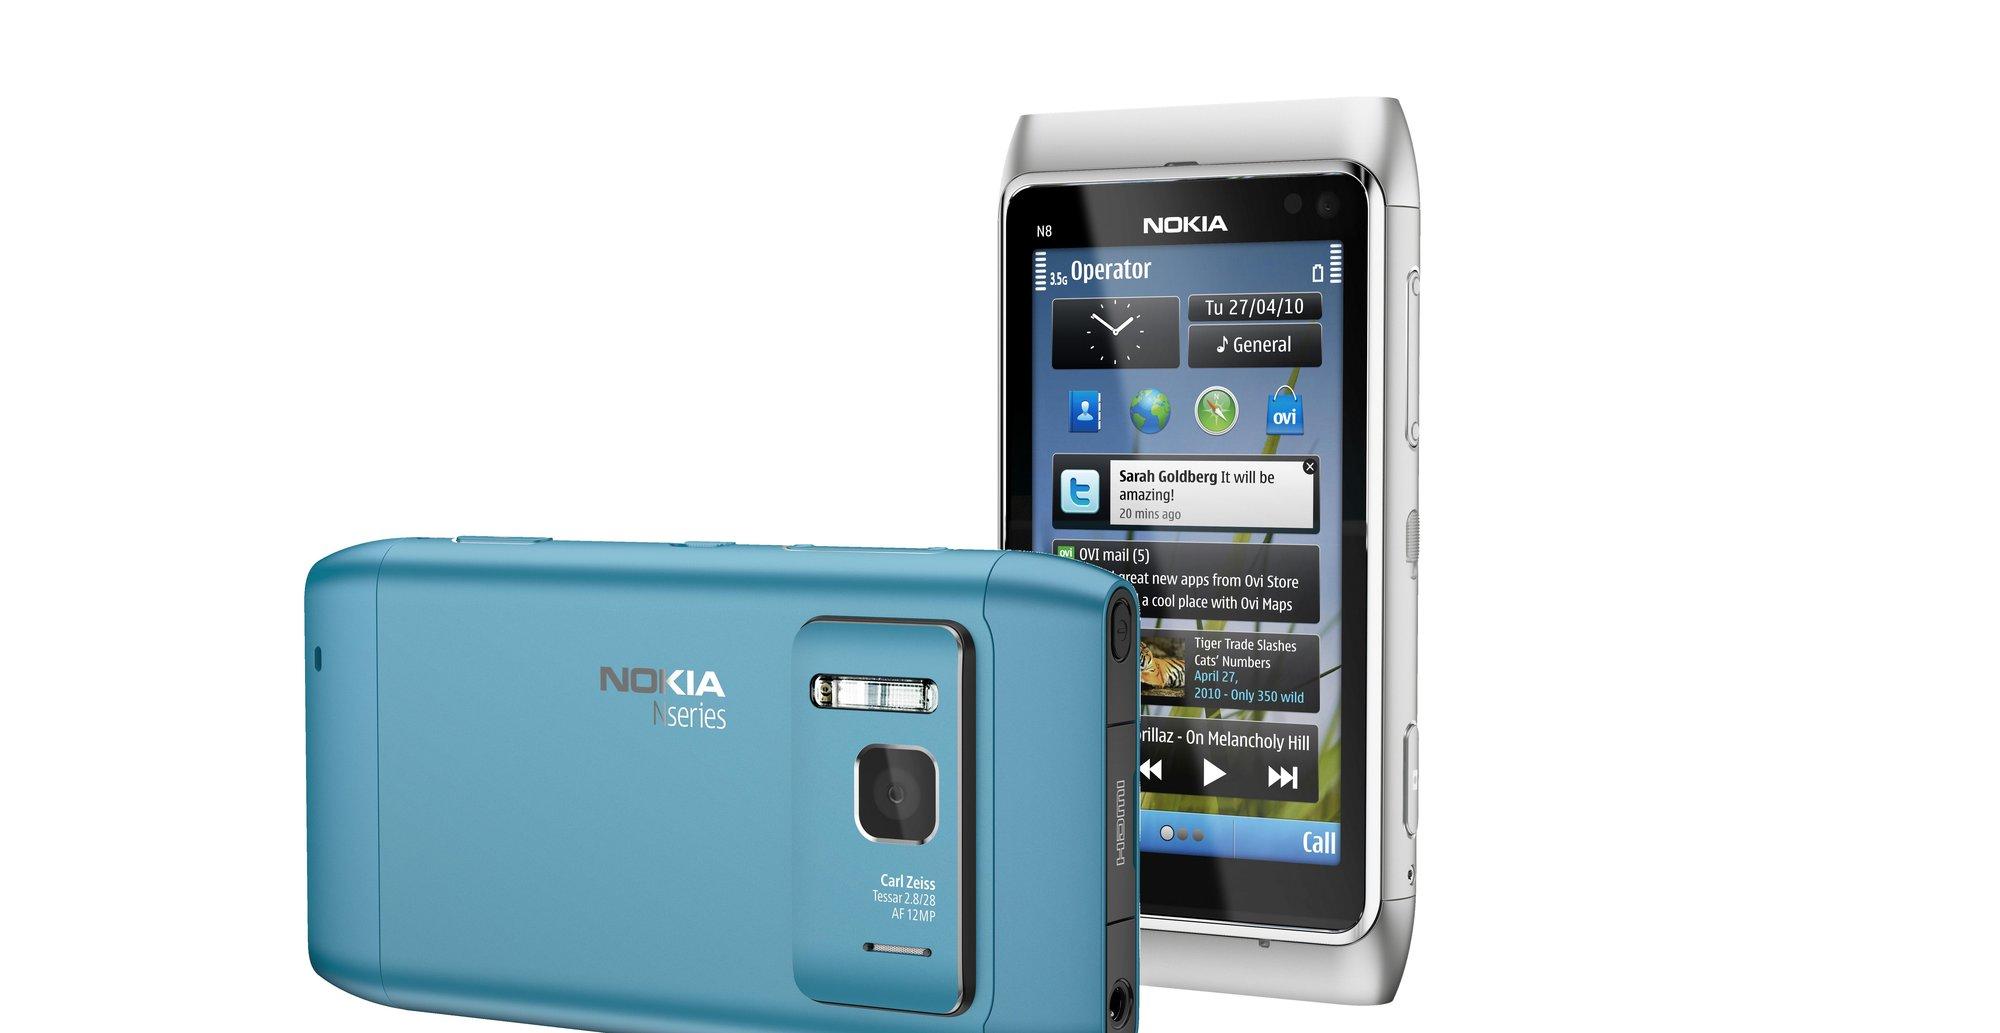 Litt som denne, bare med fine Windows Phone 7